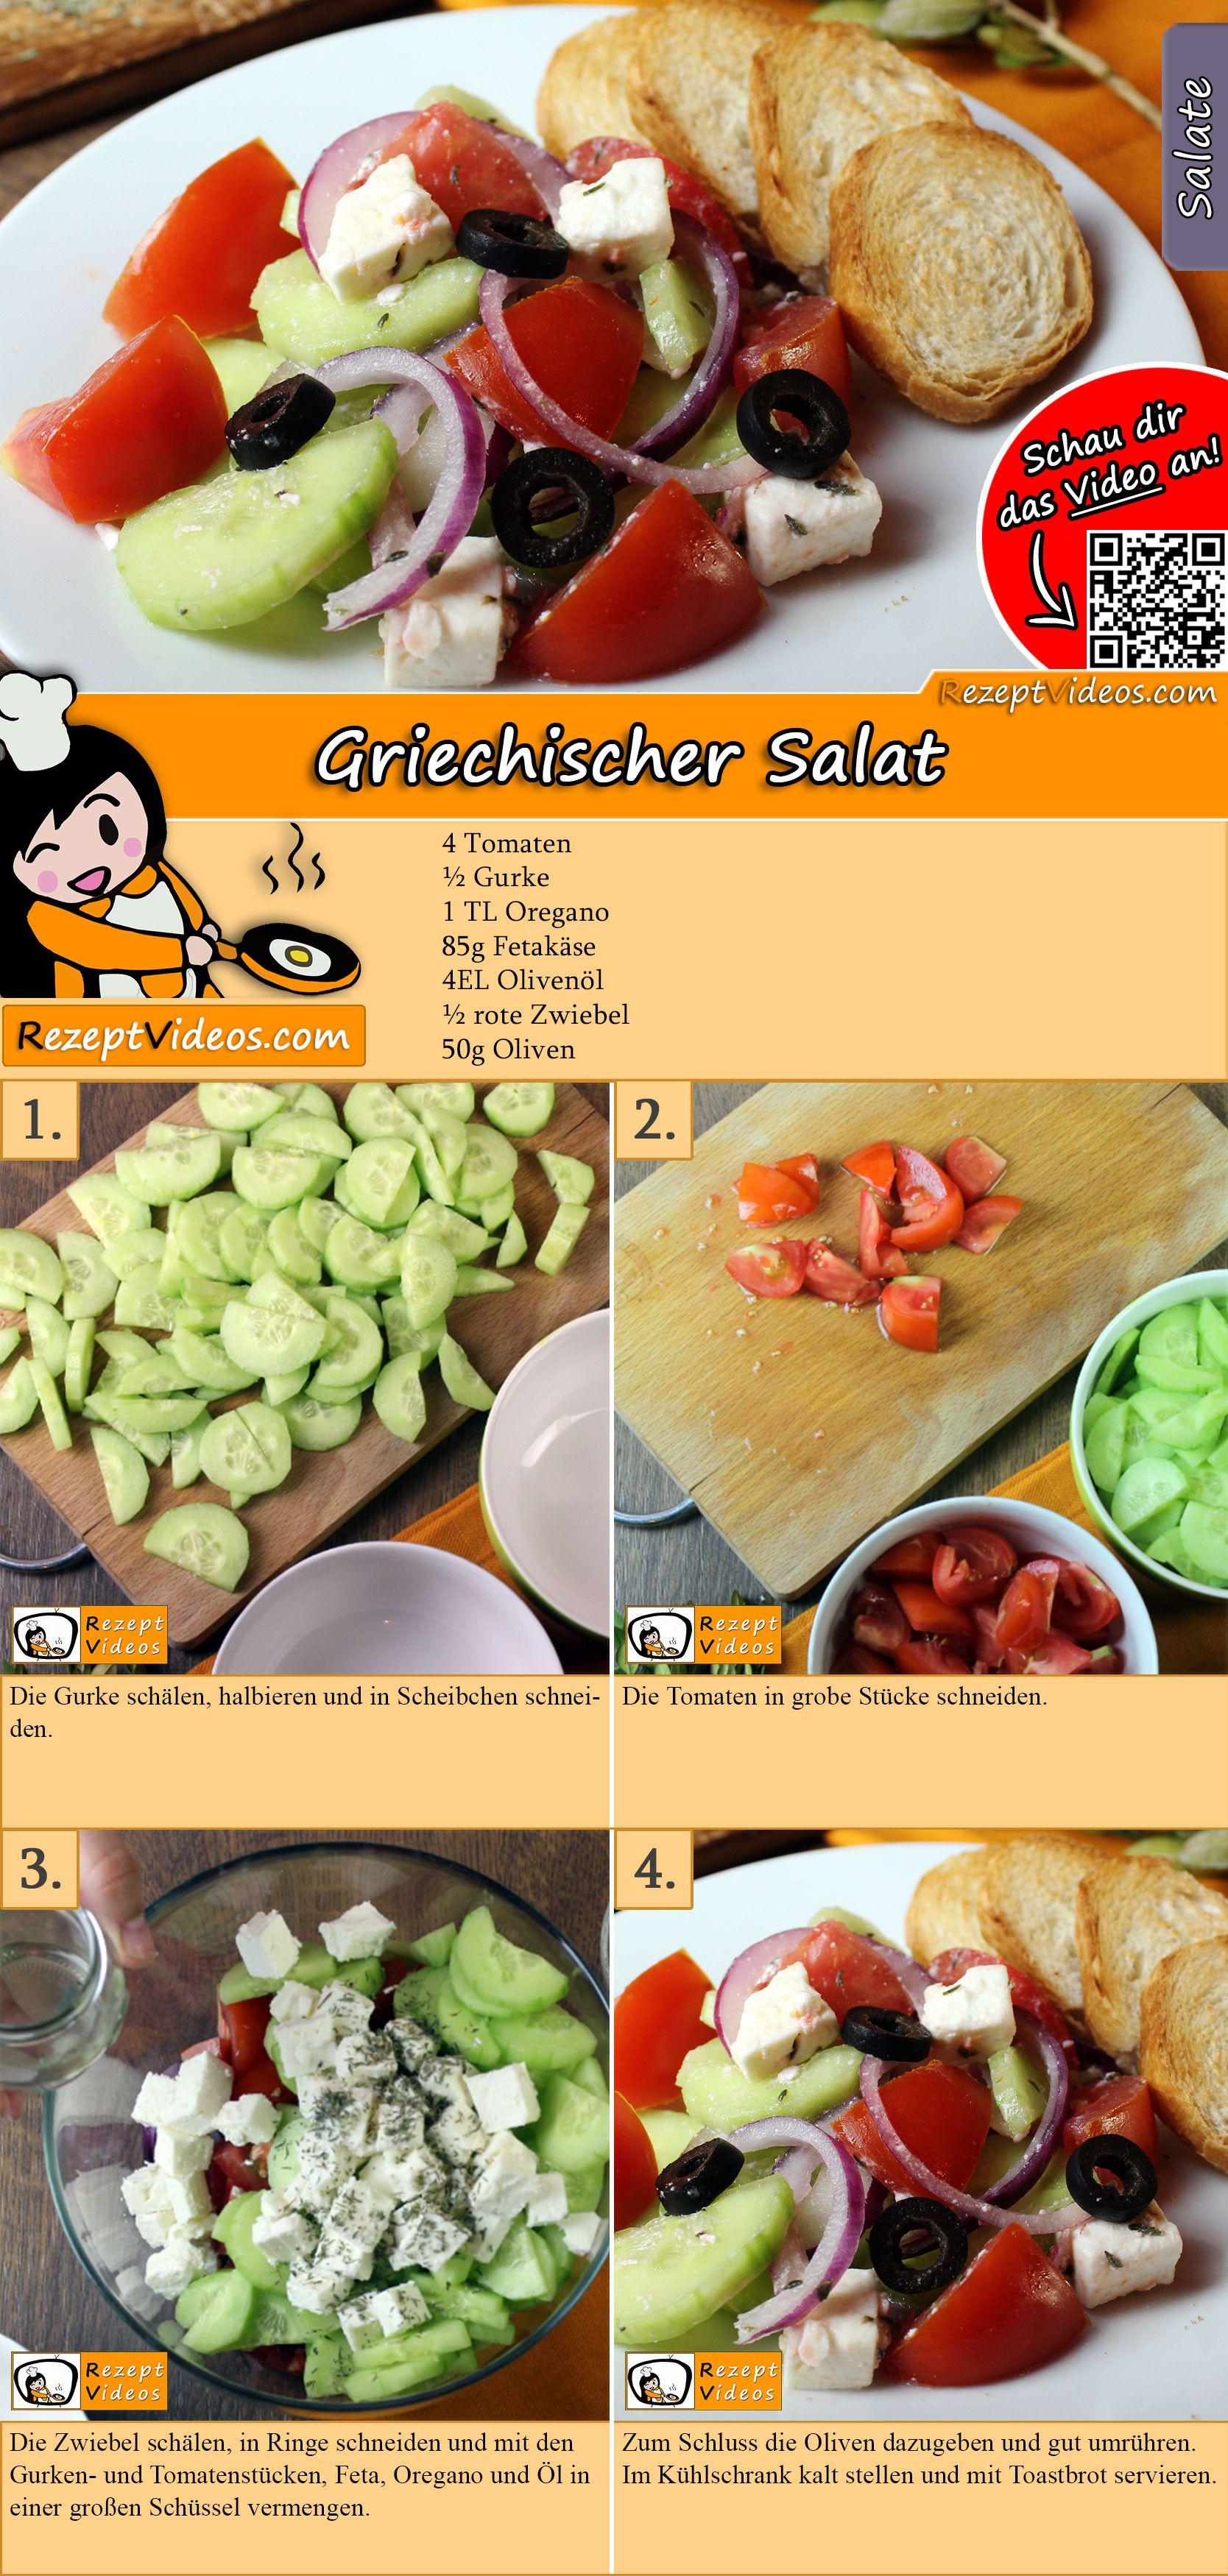 Griechischer Salat Rezept mit Video - Salat Rezepte